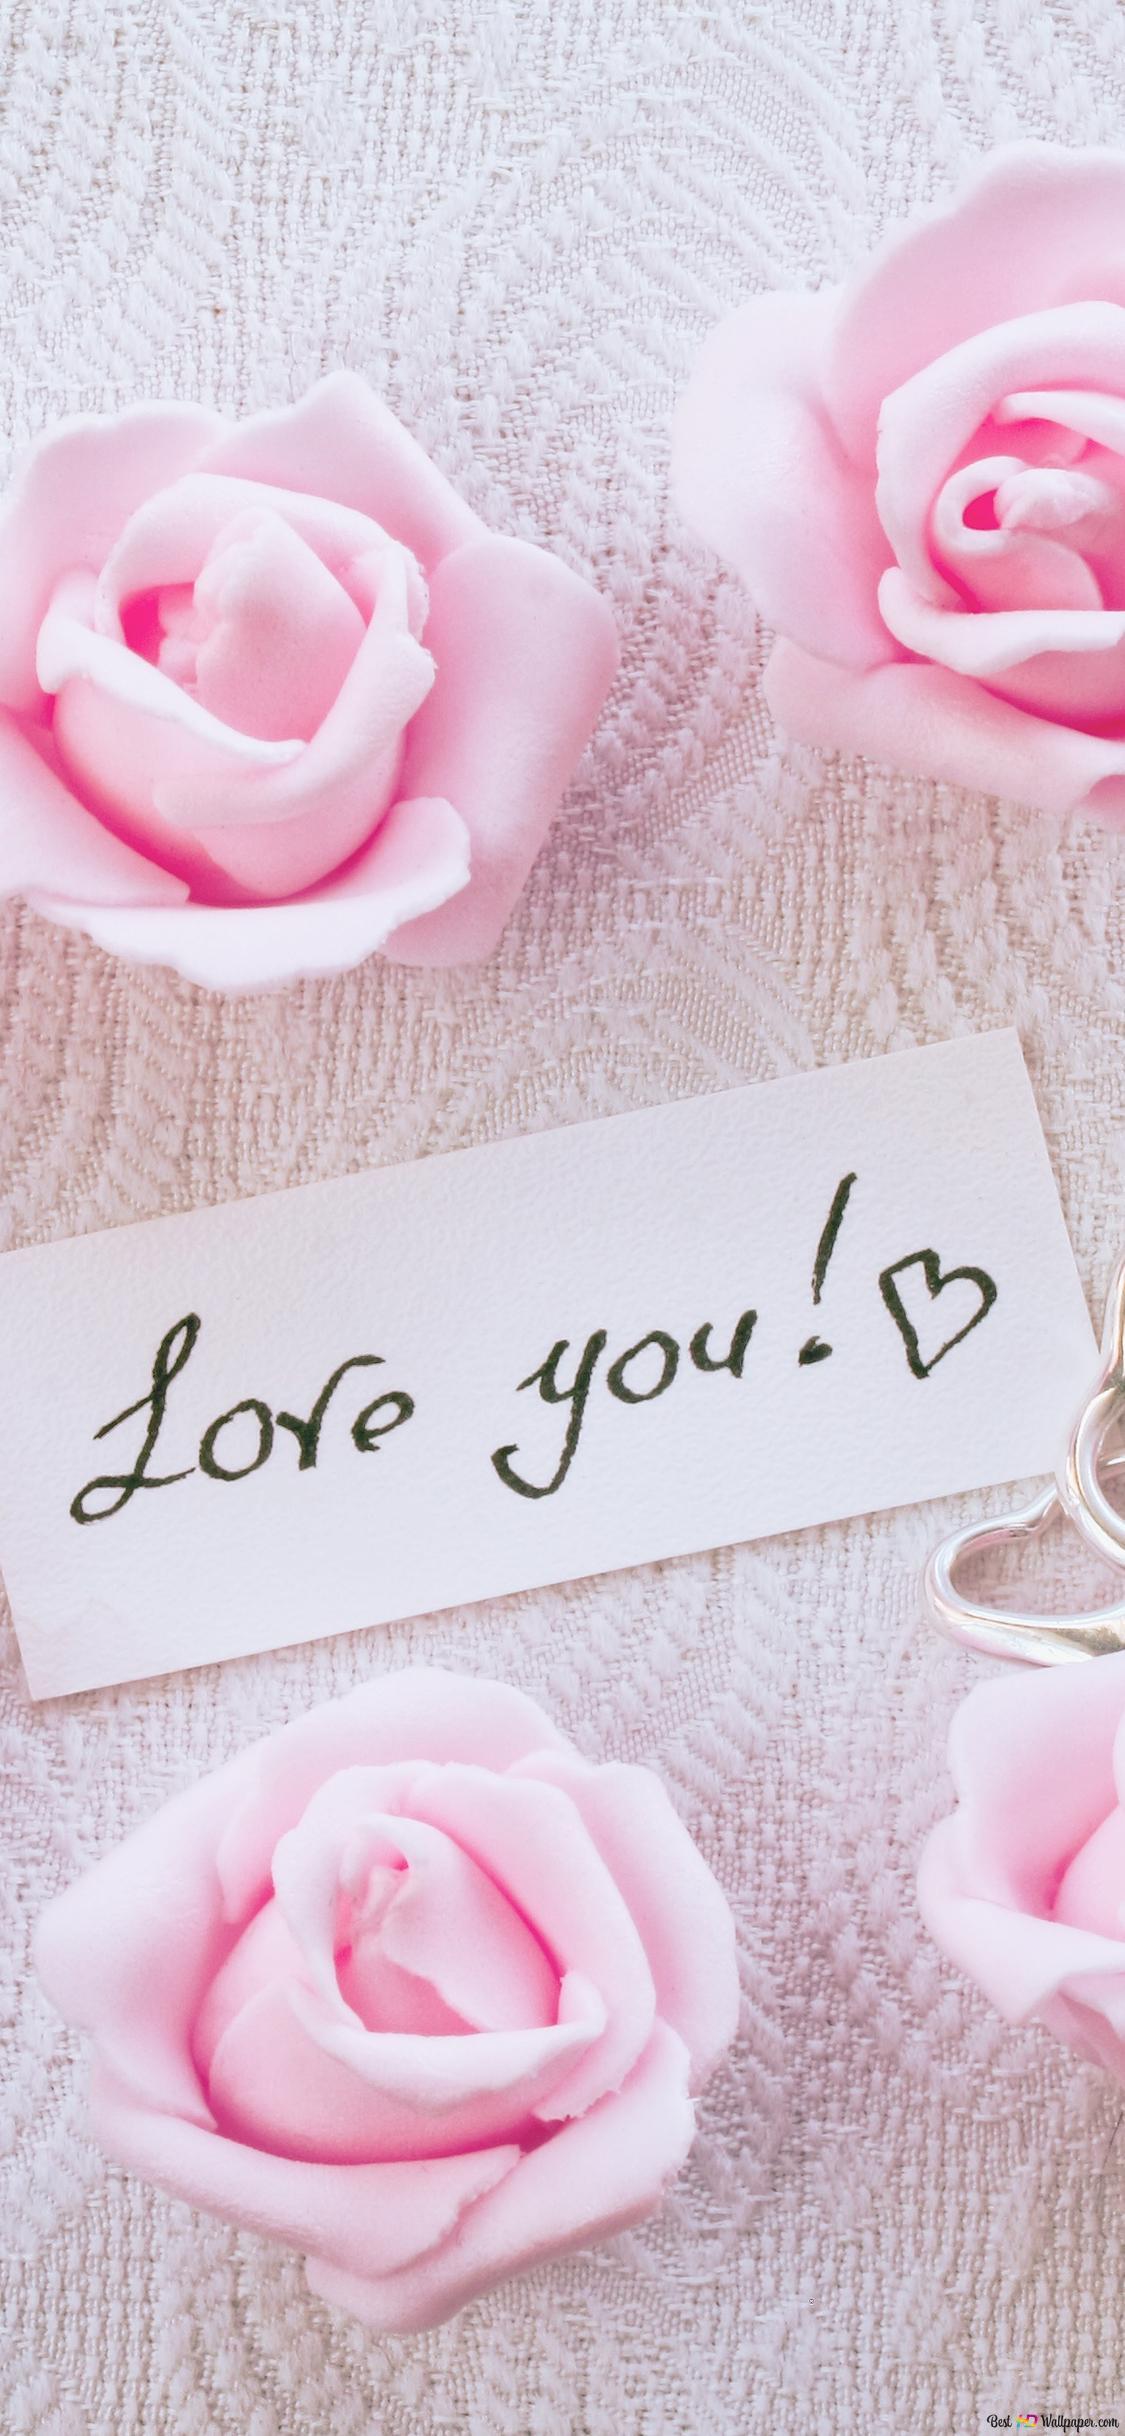 バレンタインの日 ピンクのバラと恋ノート Hd壁紙のダウンロード